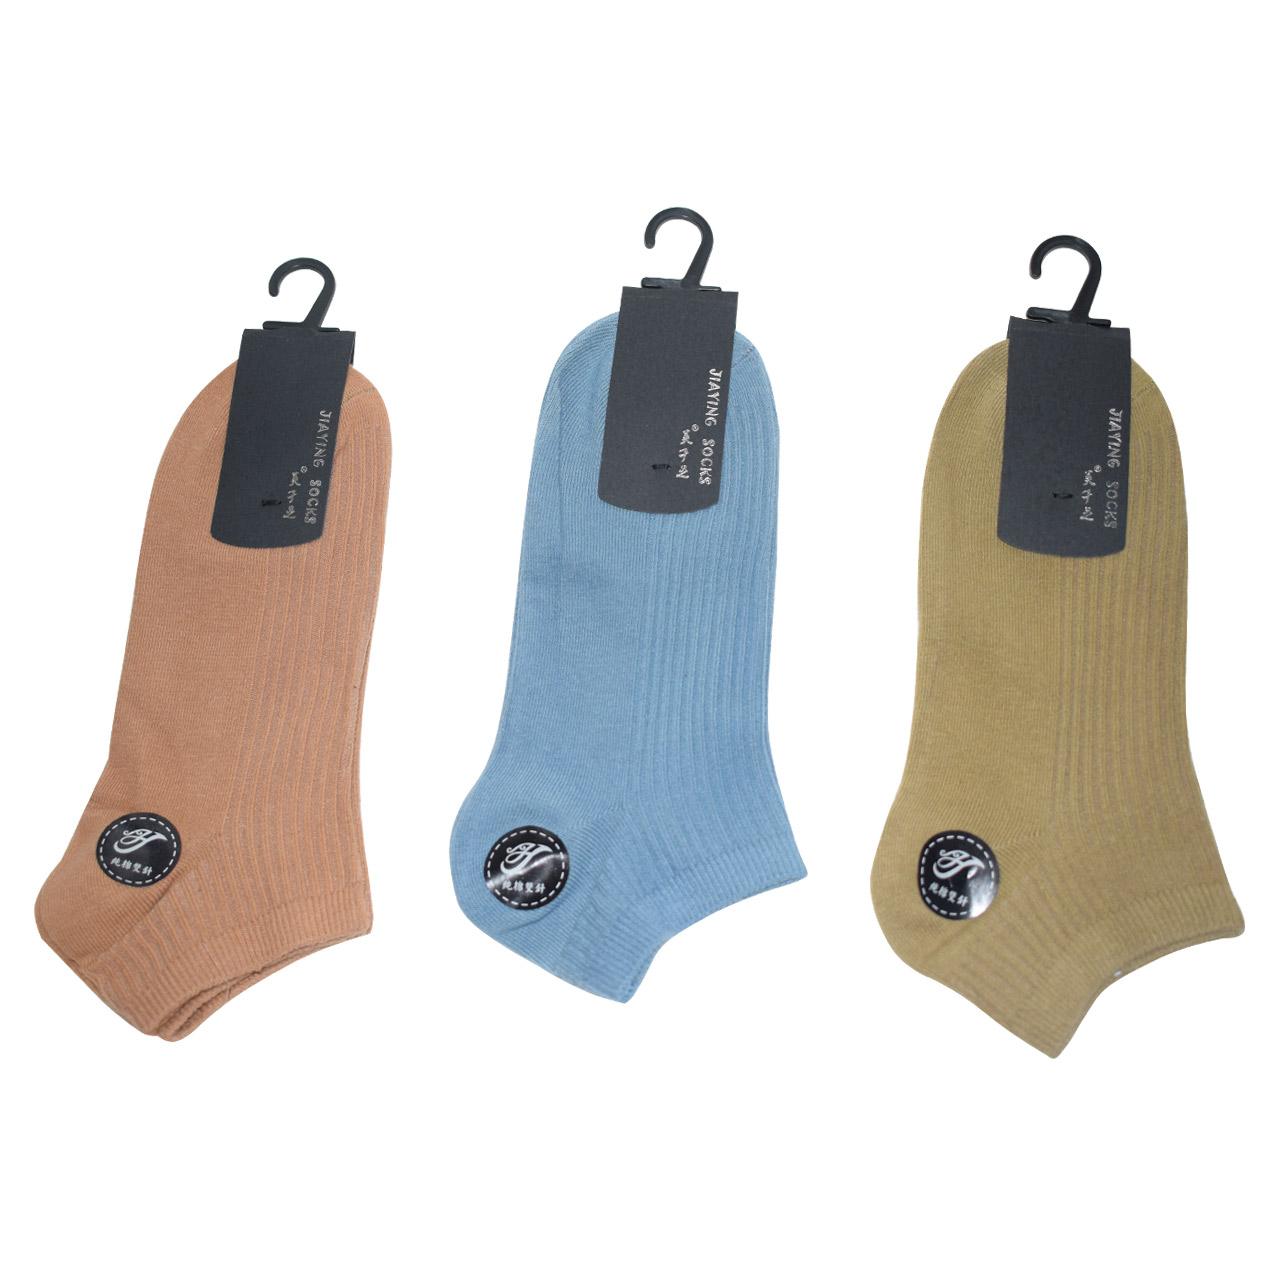 تصویر جوراب مردانه جیاینگ مدل H مجموعه 3 عددی